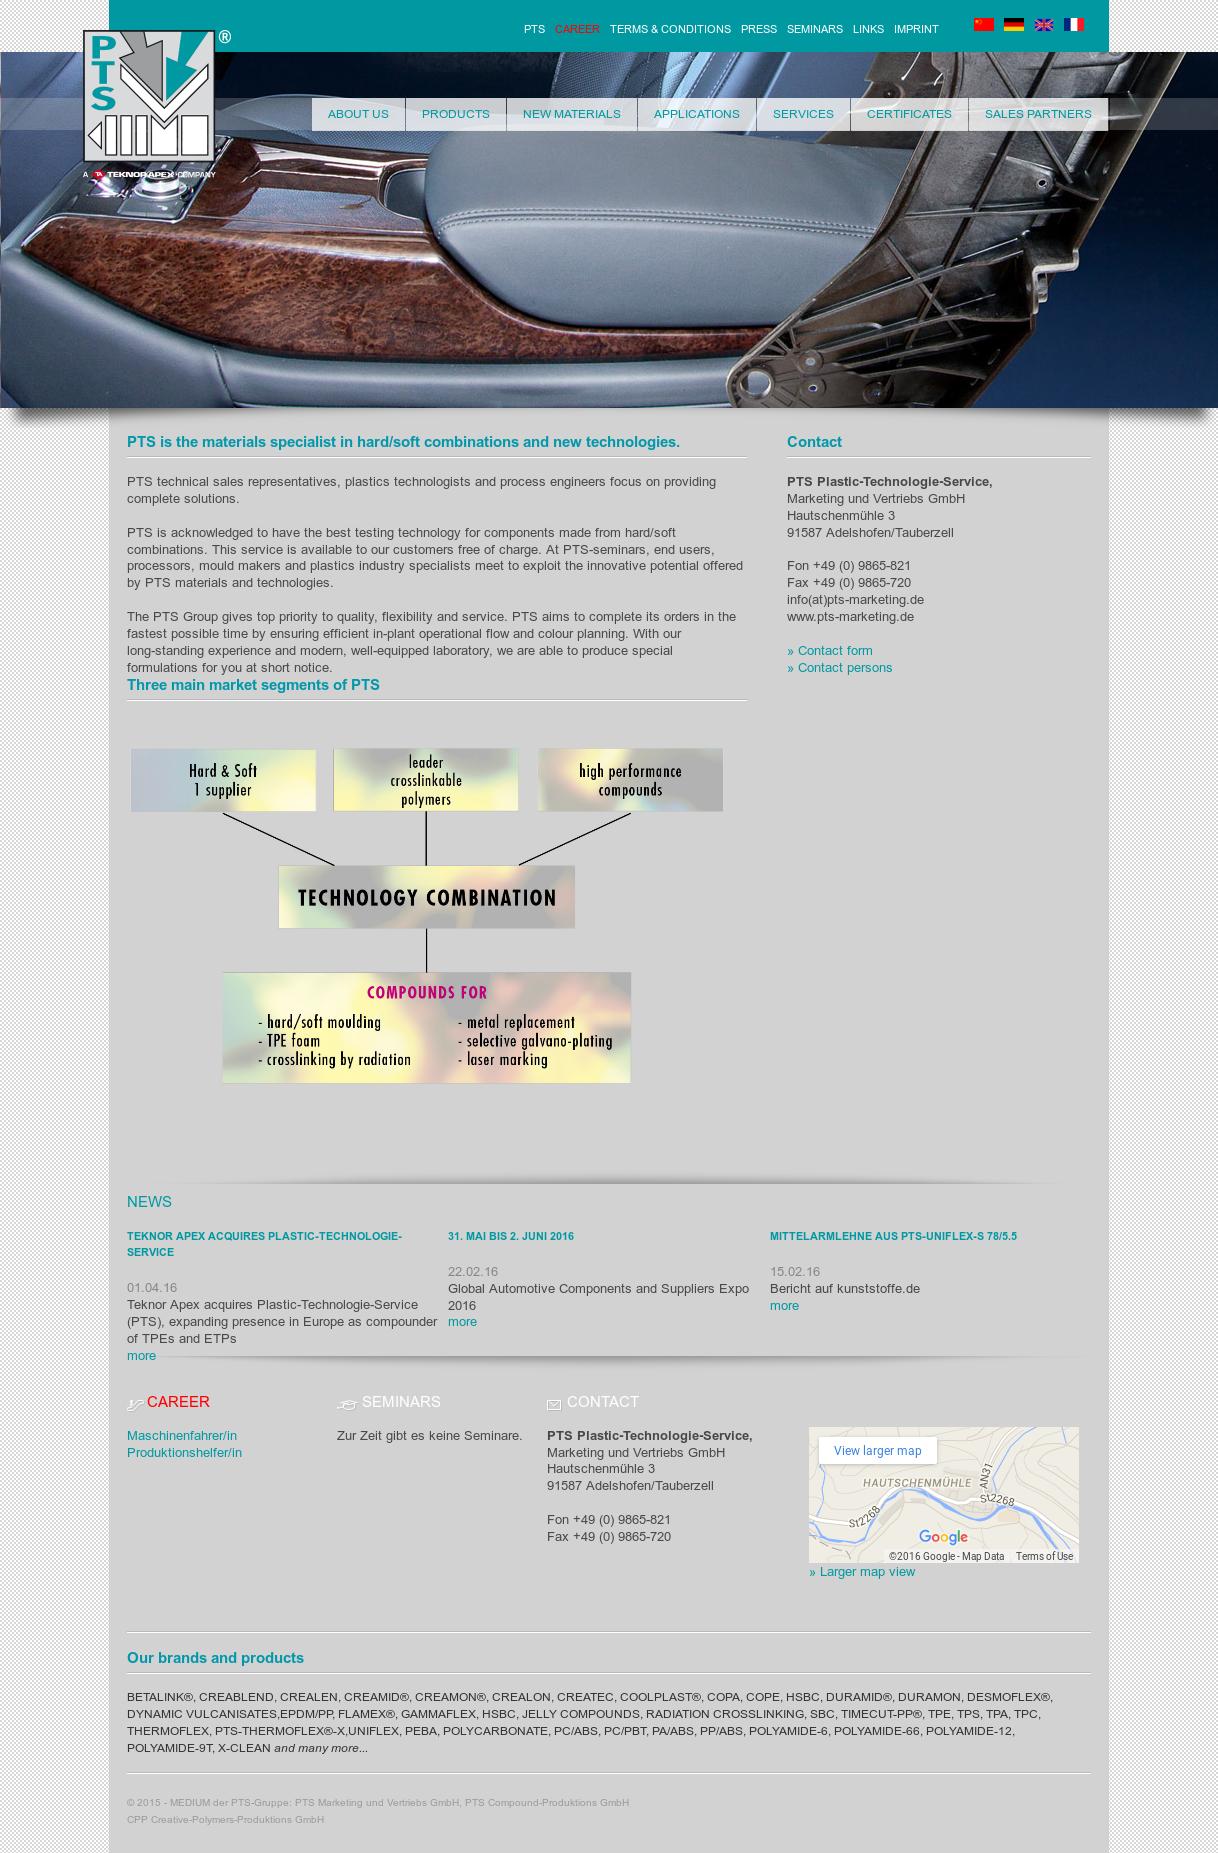 Ausgezeichnet Musterwiederaufnahmeformat Wortdokument Fotos ...